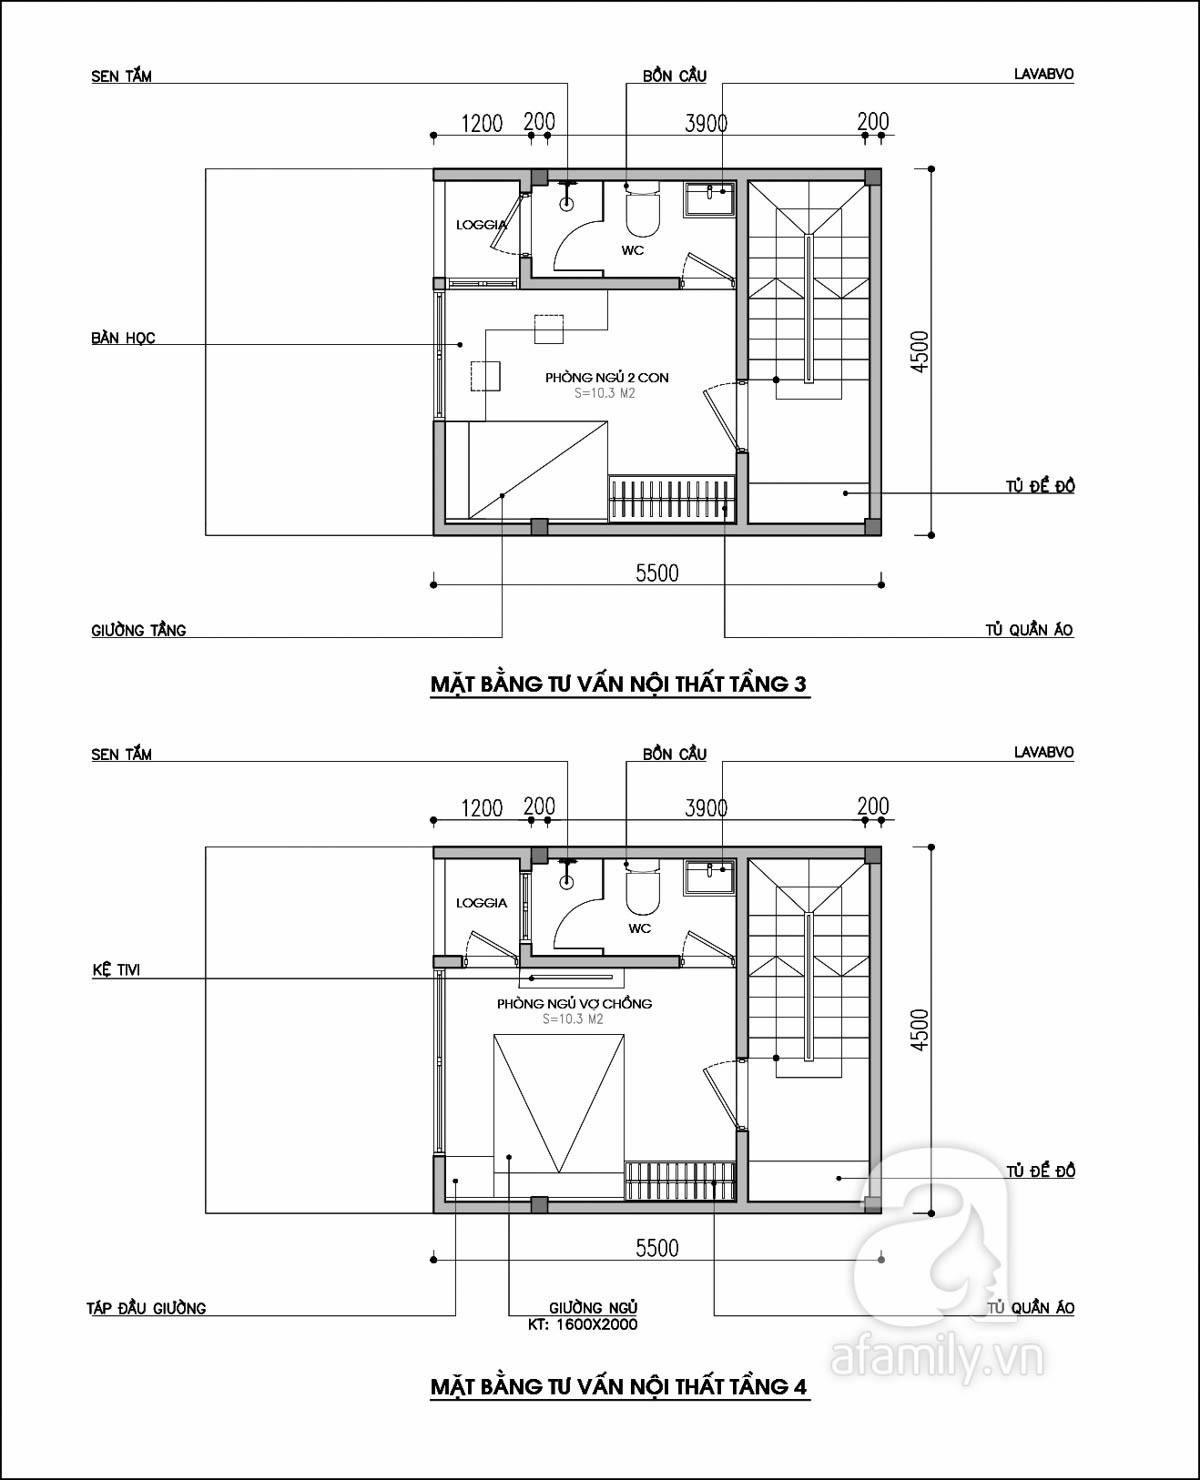 Tư vấn thiết kế nhà ống 20m² cho gia đình 3 thế hệ vừa để kinh doanh vừa ở - Ảnh 2.